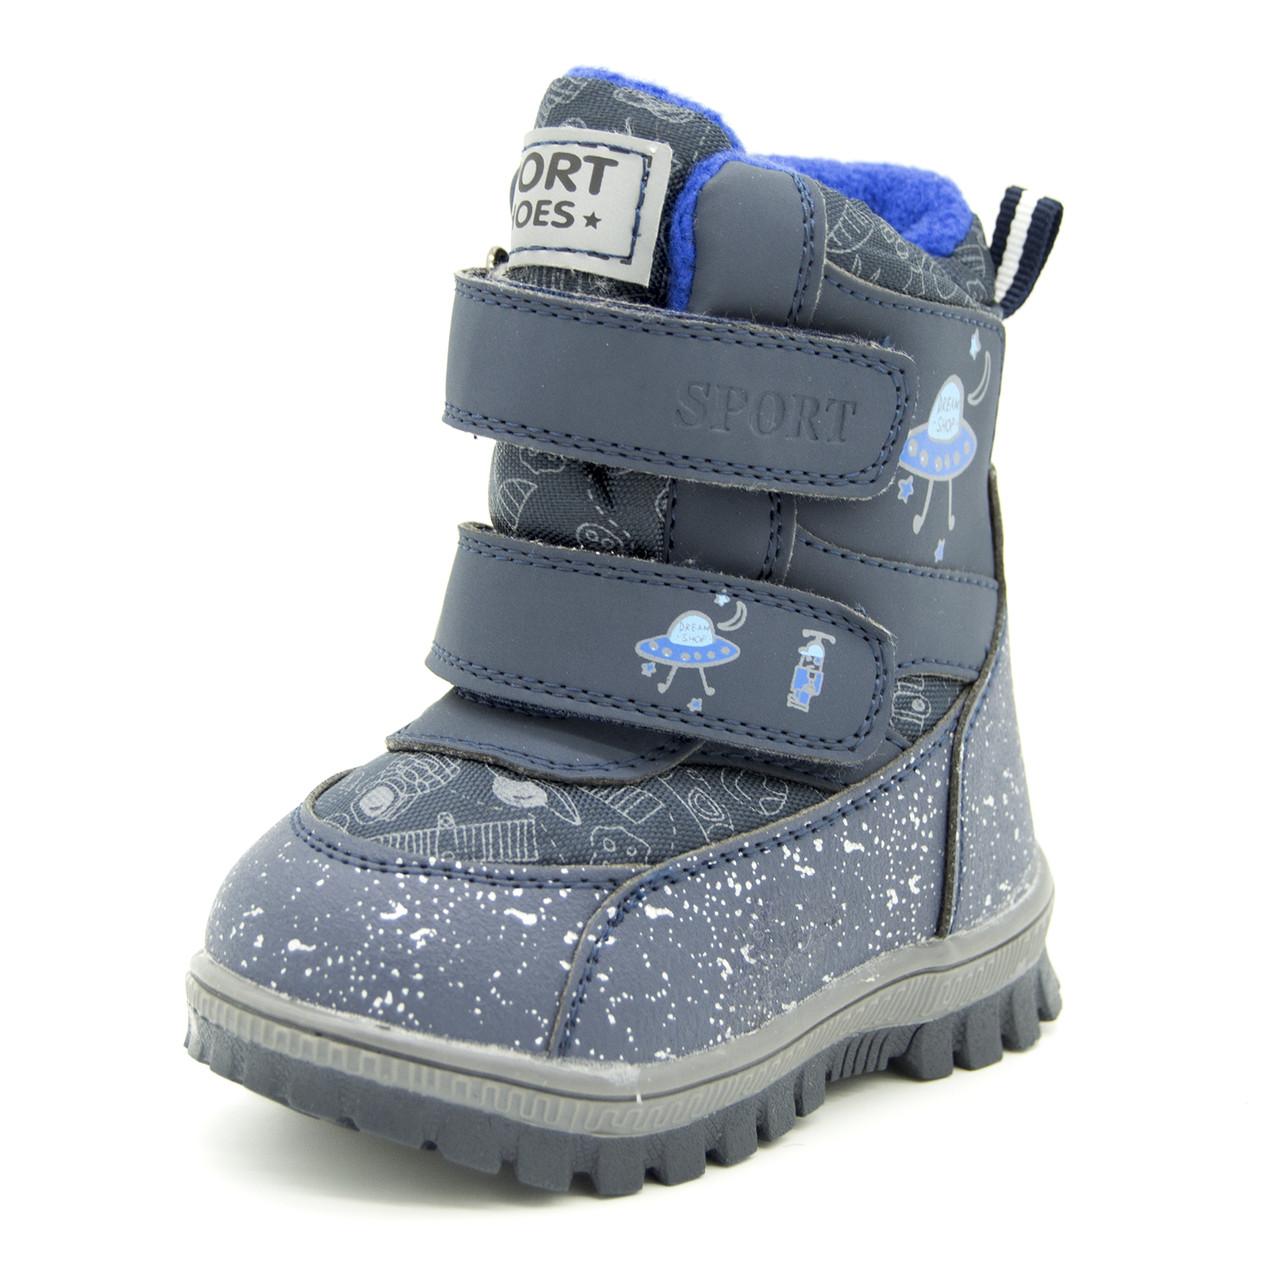 Ботинки для мальчика Синие Размеры: 25, 26